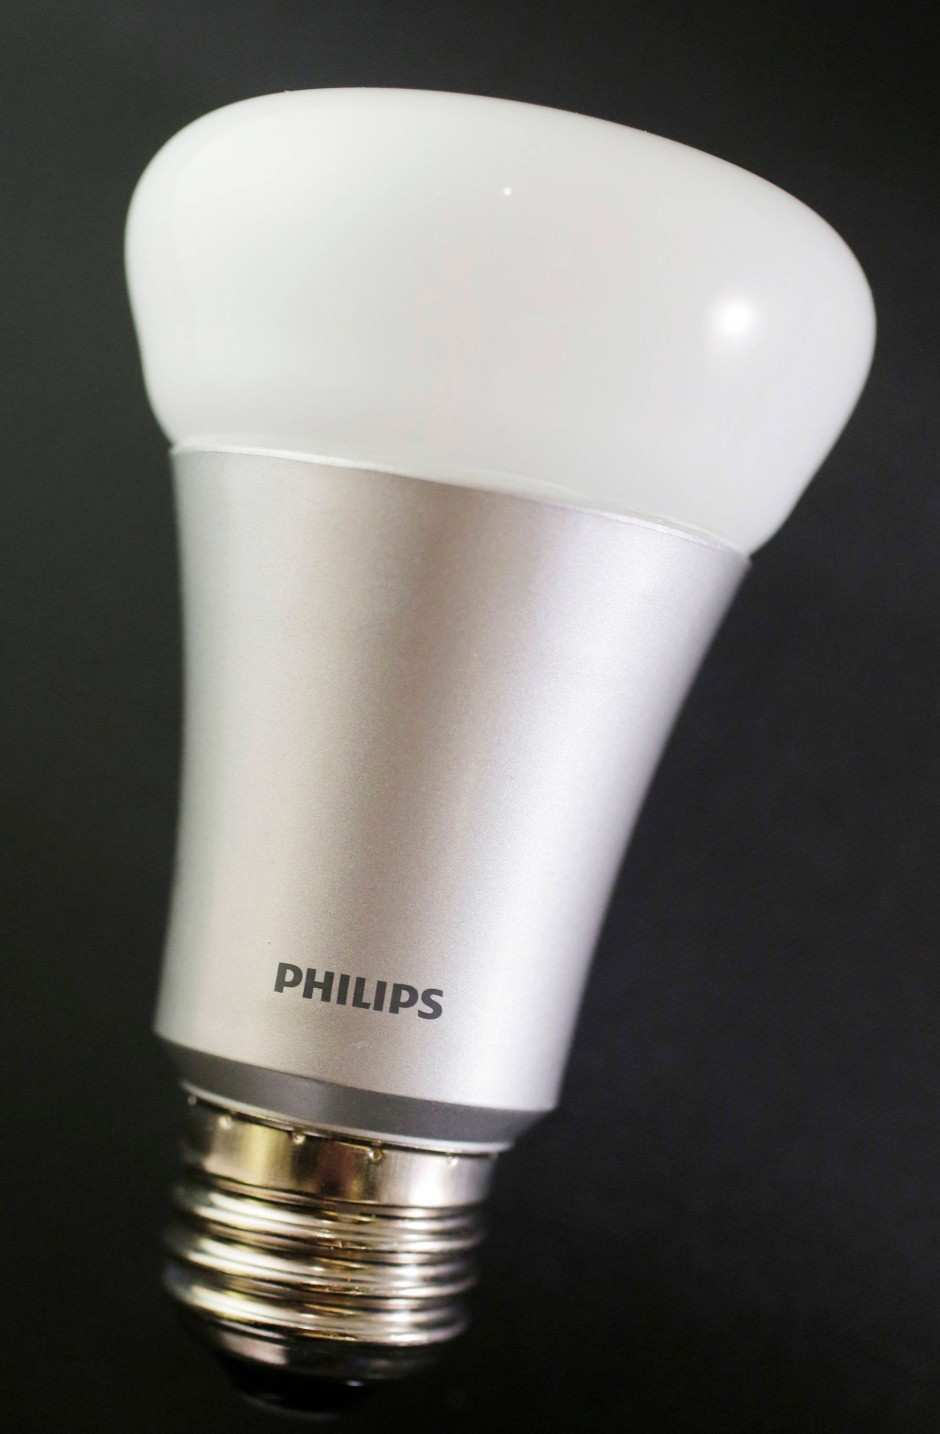 bild zu led lampen das erbe der gl hbirne wird verteilt bild 1 von 1 faz. Black Bedroom Furniture Sets. Home Design Ideas